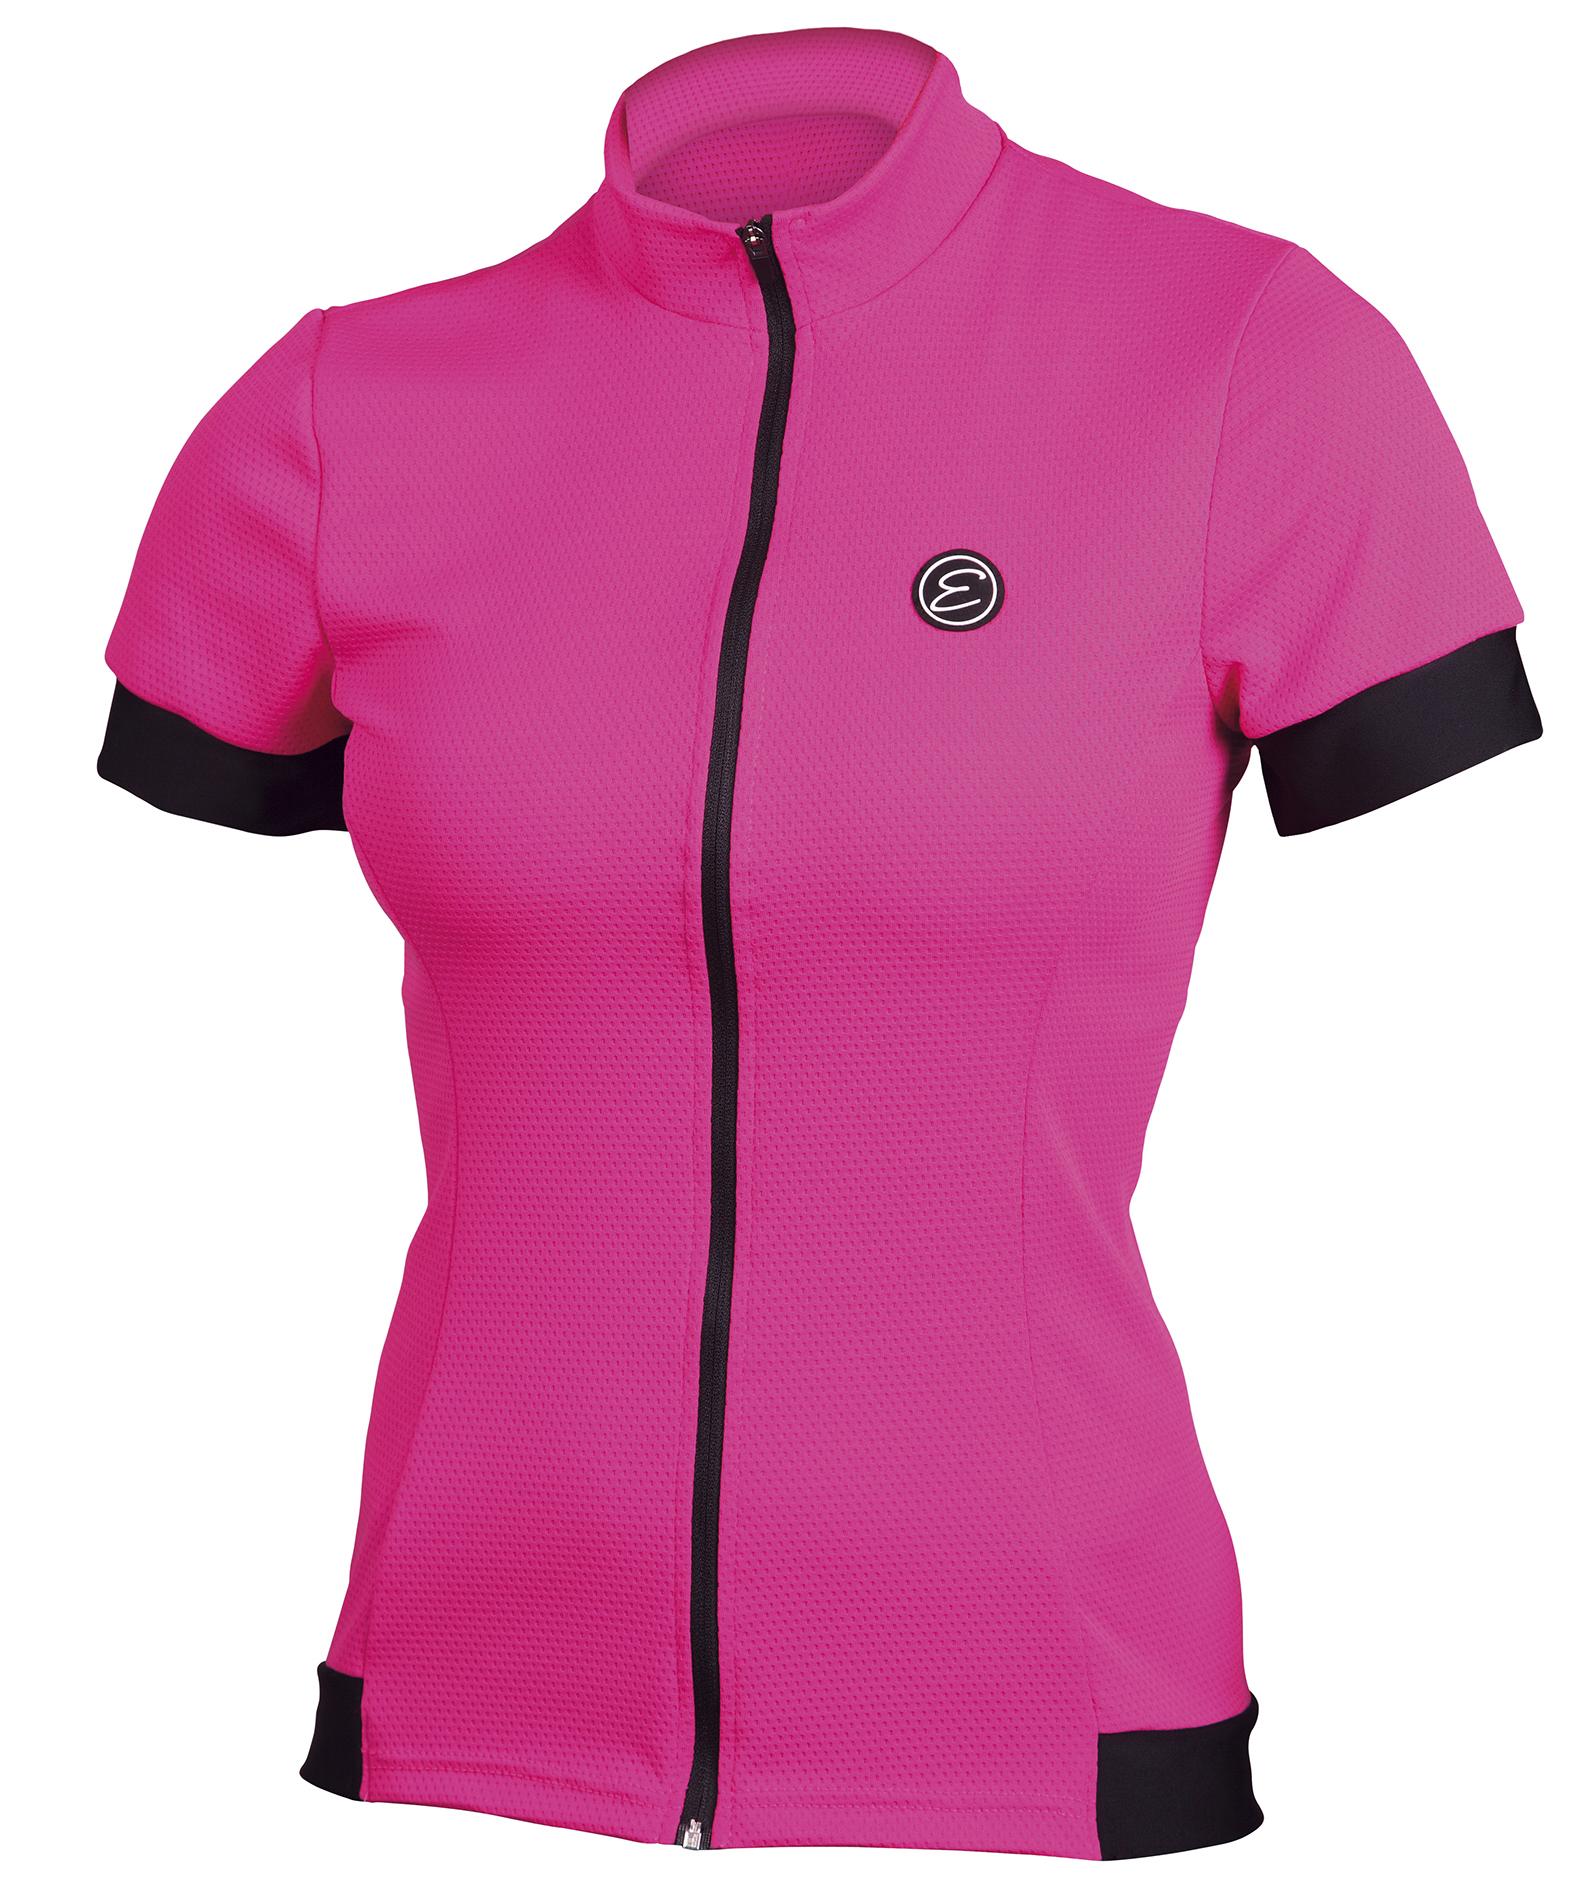 Dámský cyklistický dres ETAPE Donna, vel. L, růžová, model 2017 (Dámský dres Etape, dlouhý přední zip)